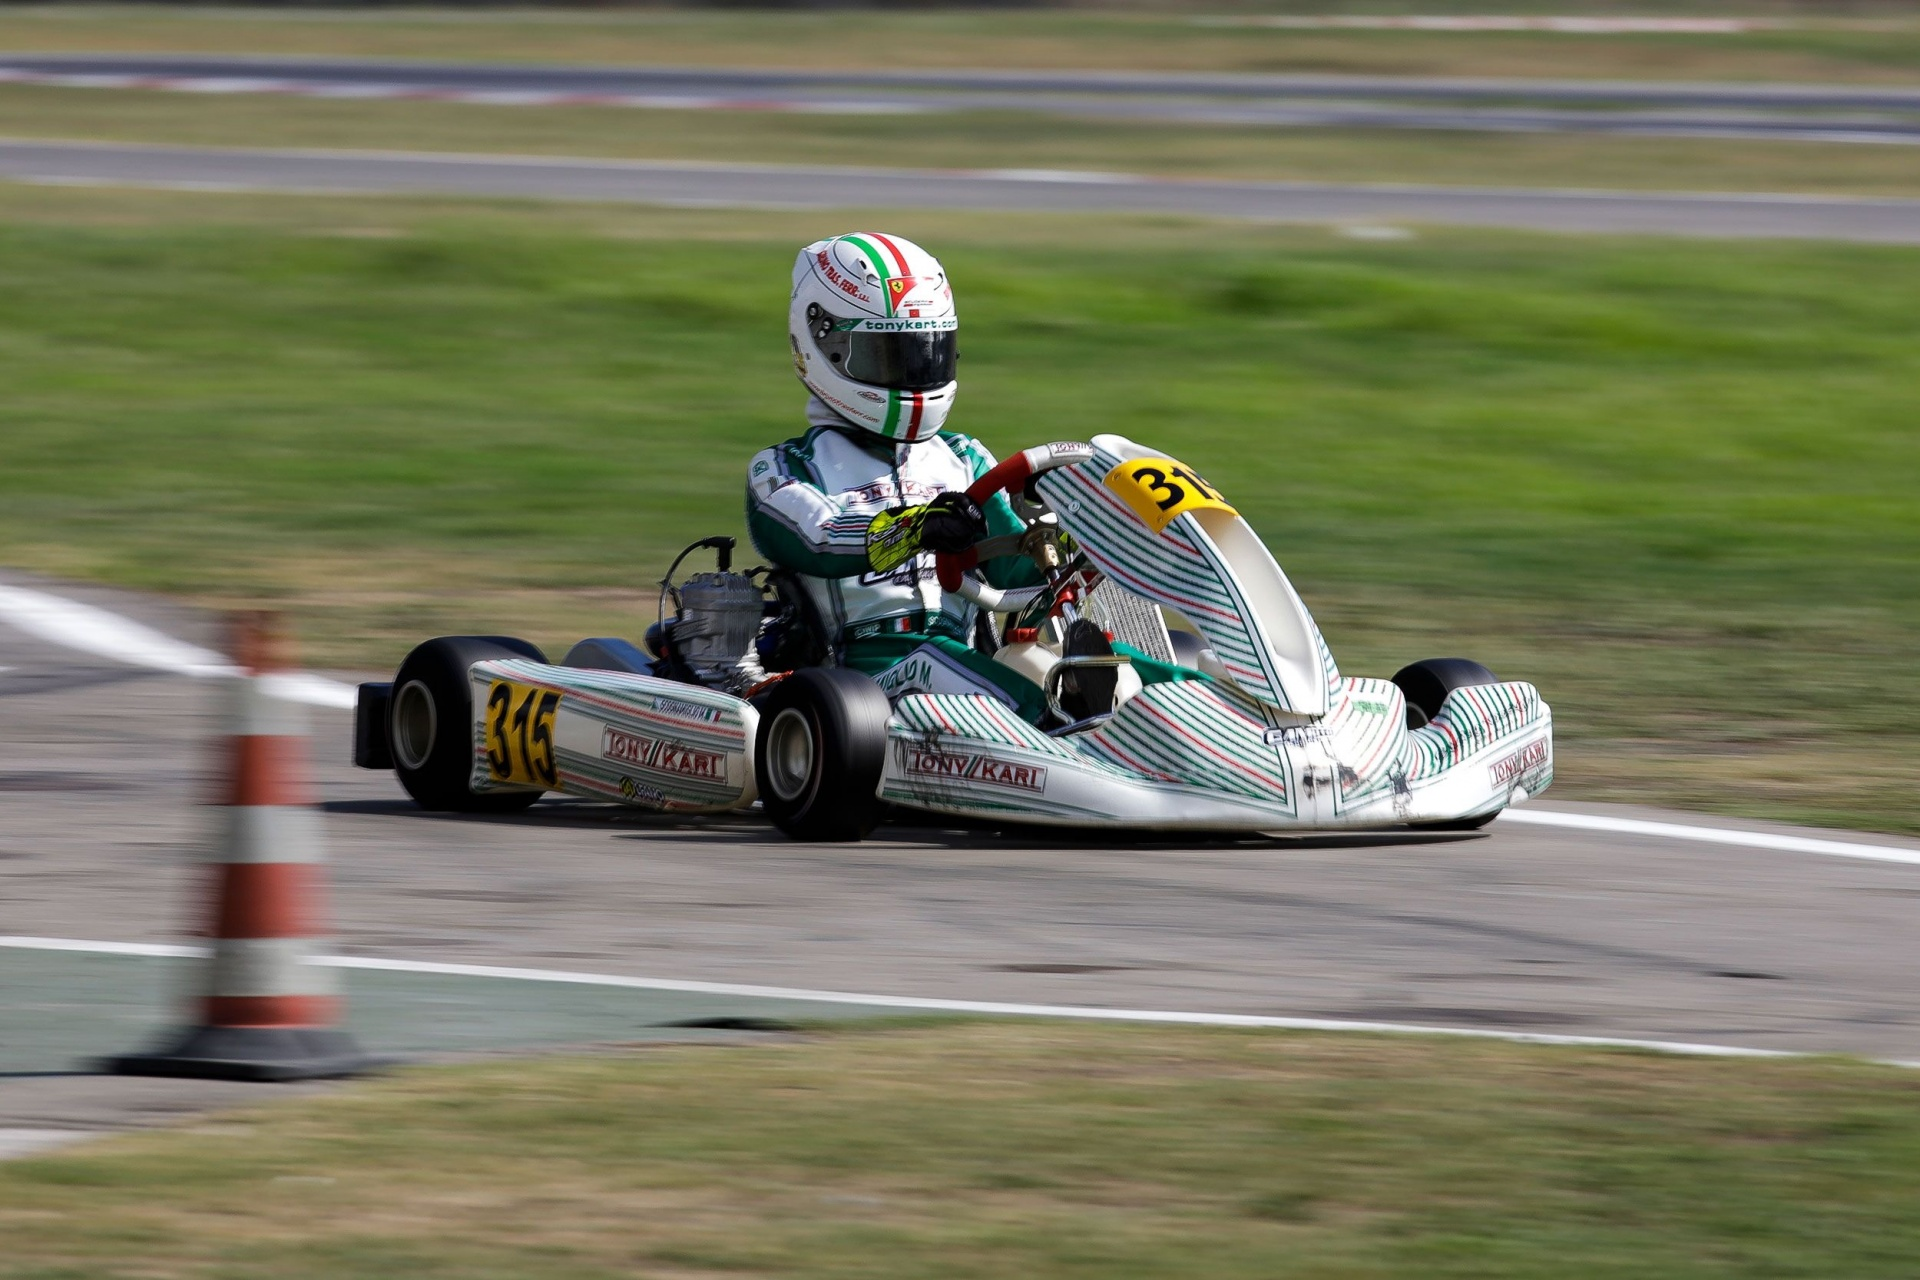 Gamoto wins again in ACI Karting